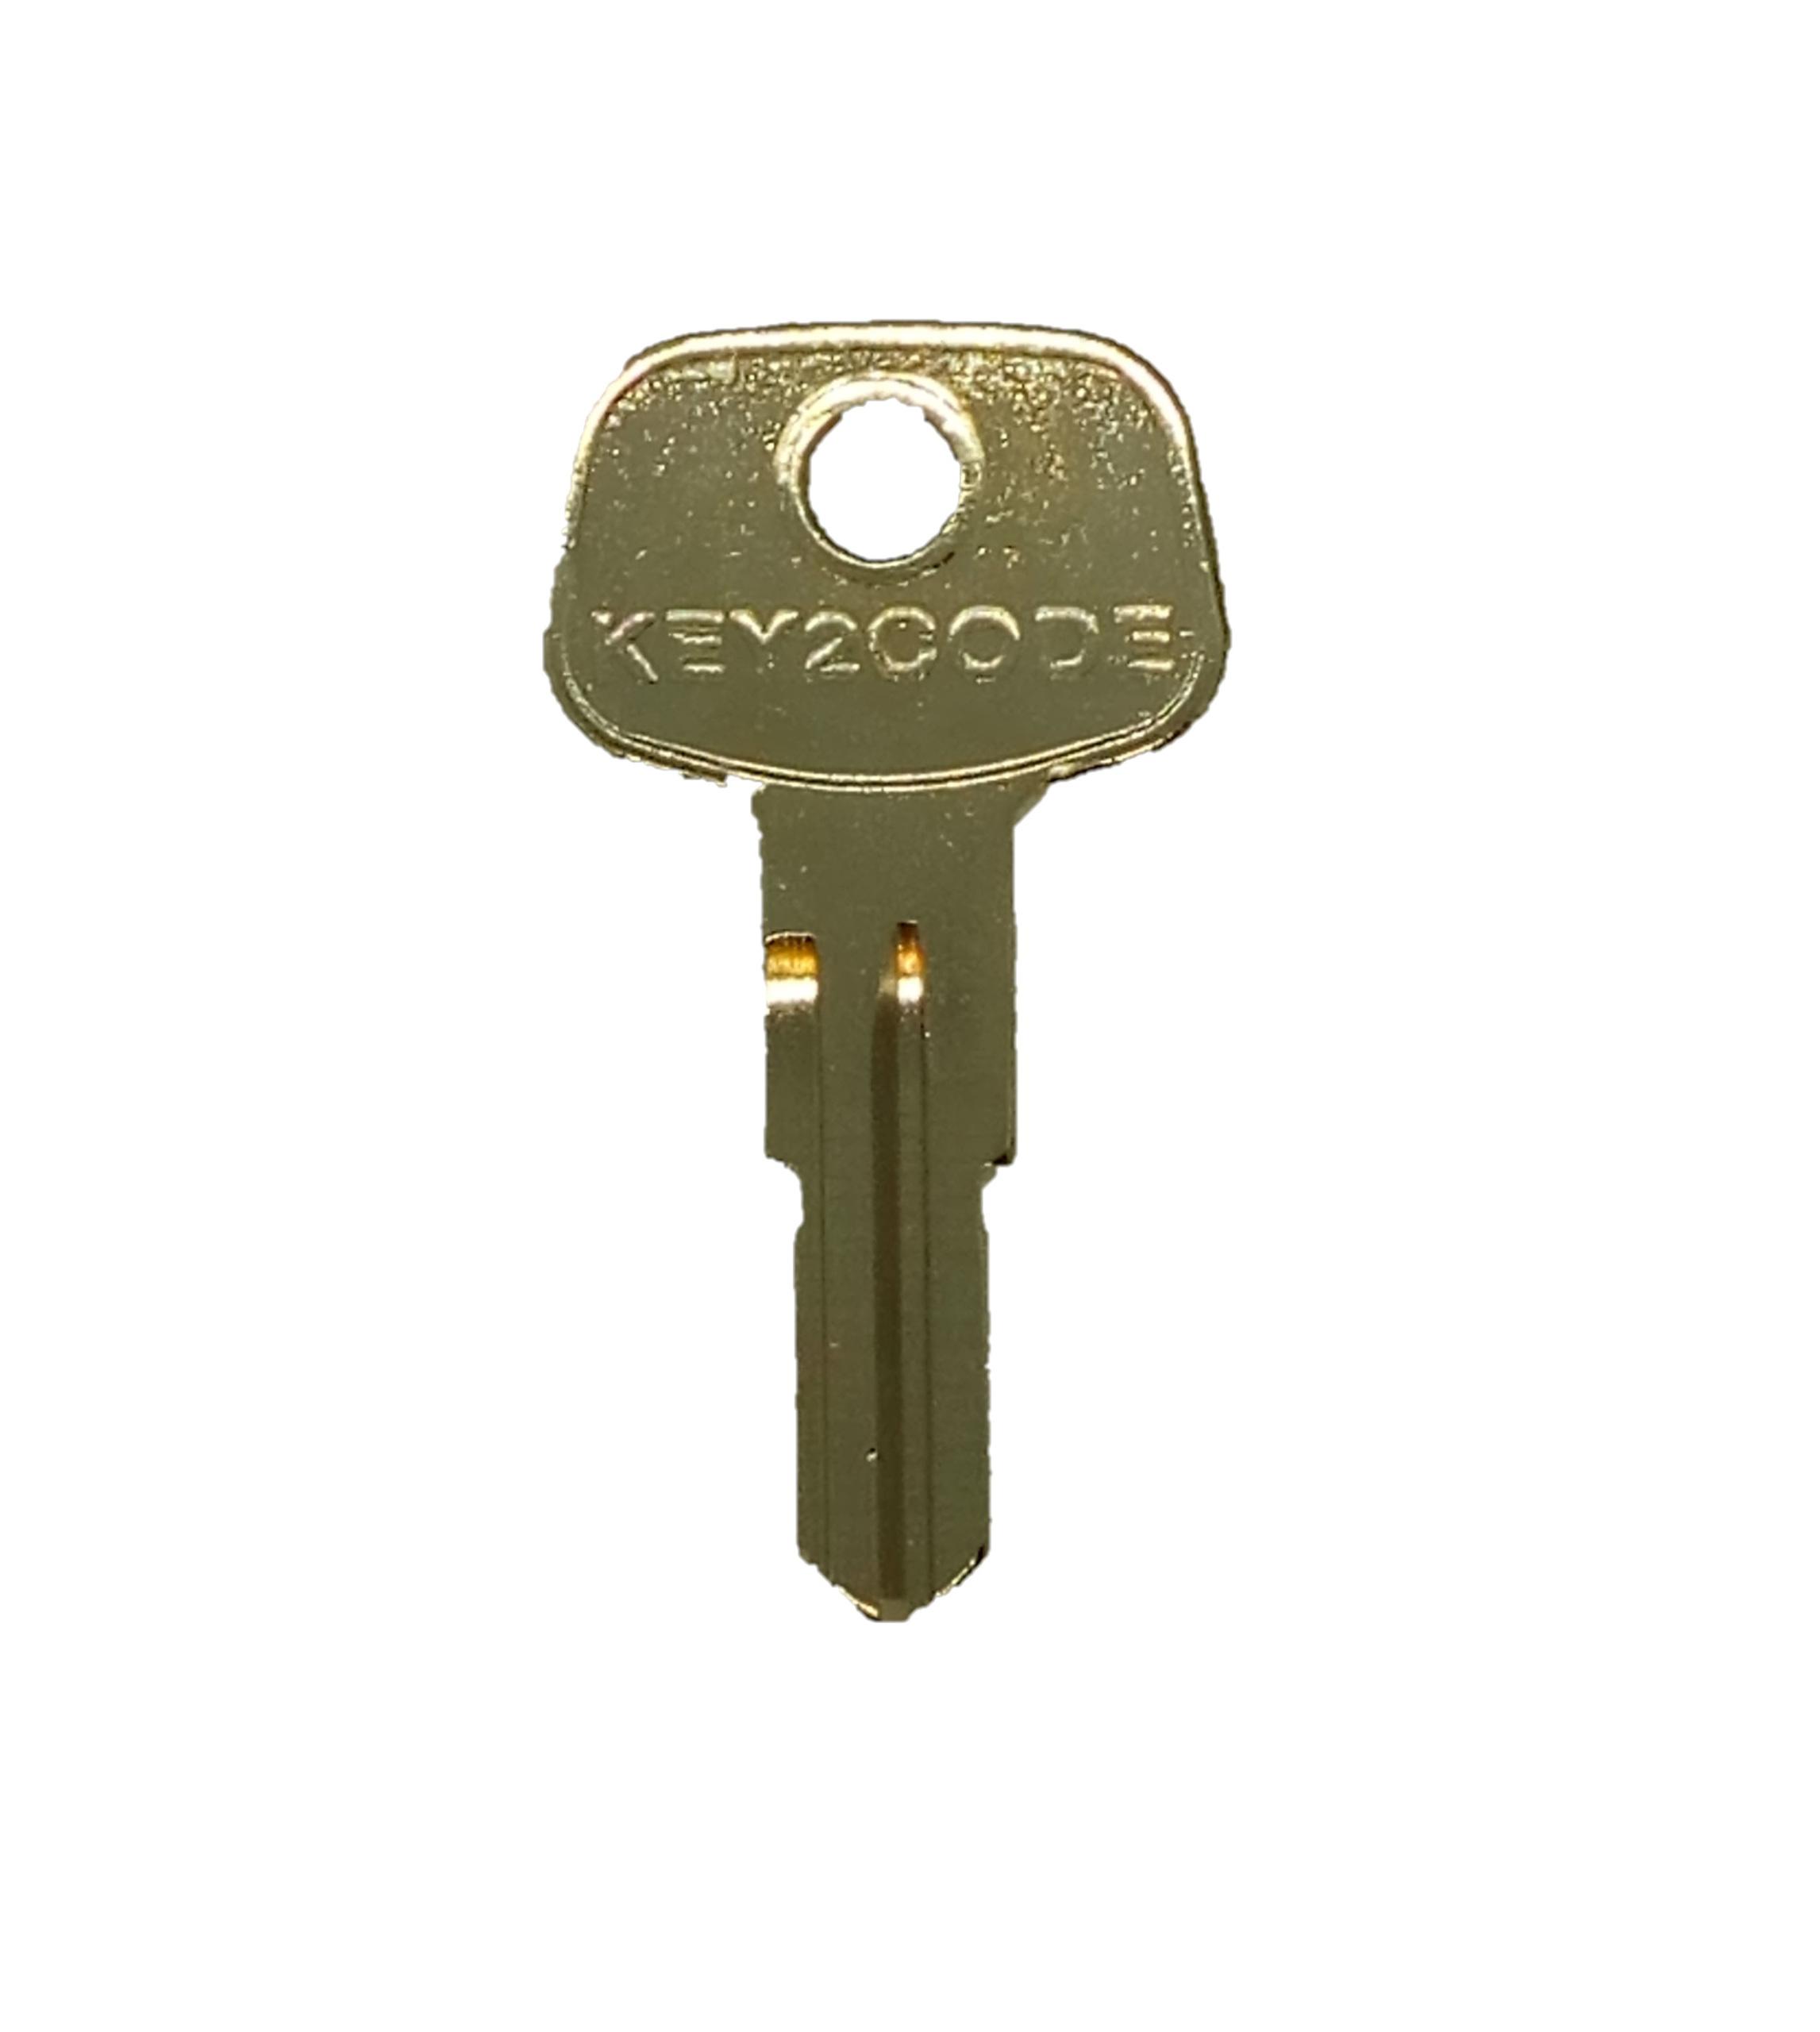 Roof Box Bar Rack Keys N001 N200 Series Keys